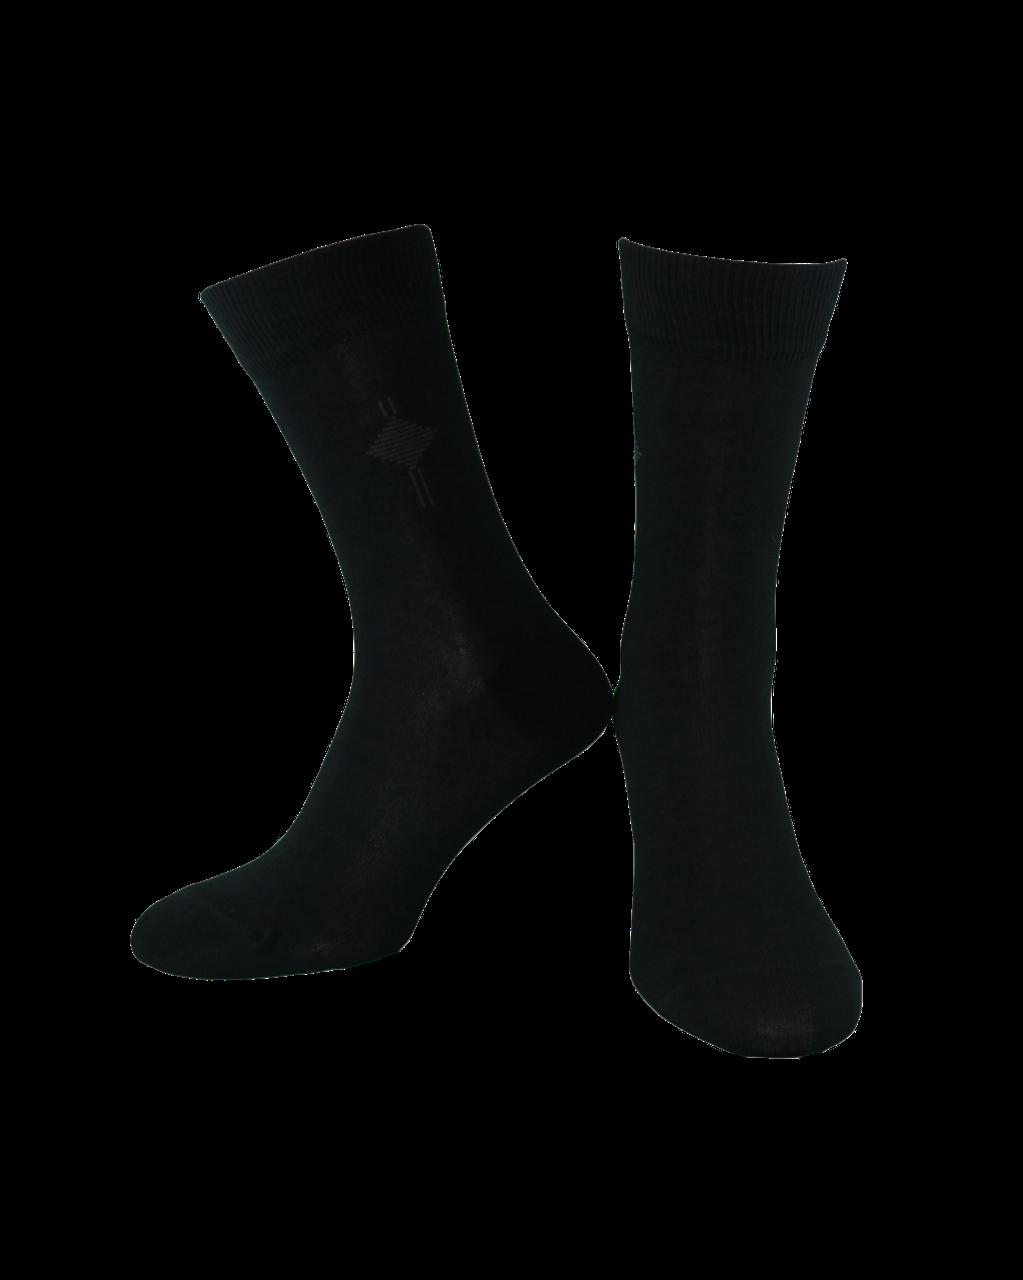 Носки мужские Легка Хода 881, Черный, 25